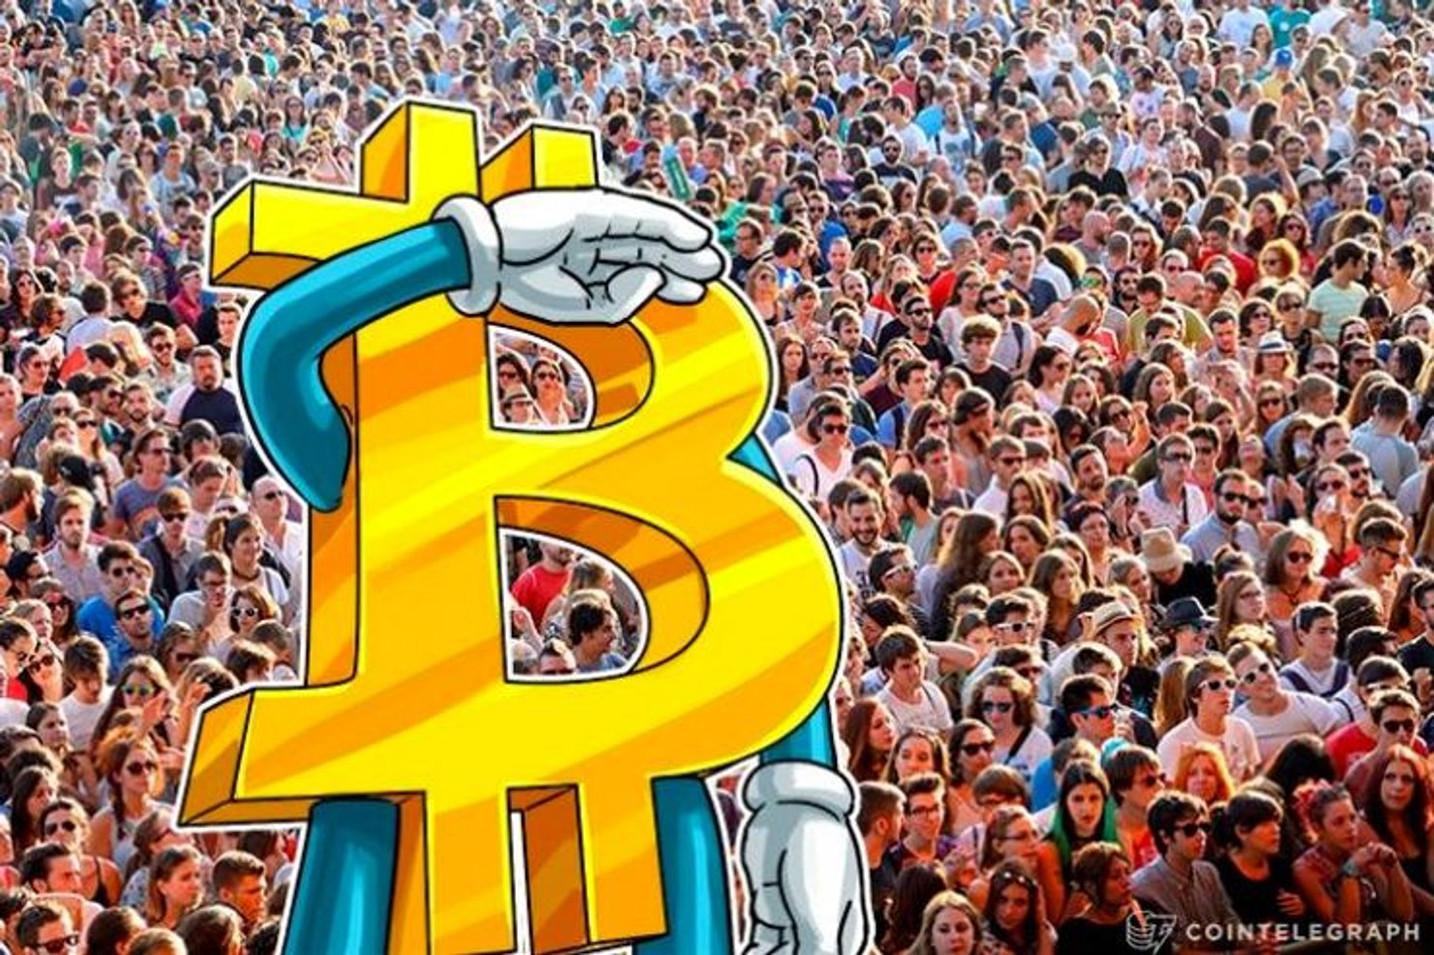 【訂正】前回半減期から仮想通貨ビットコイン保有者が大幅増、0.01BTCは200%超